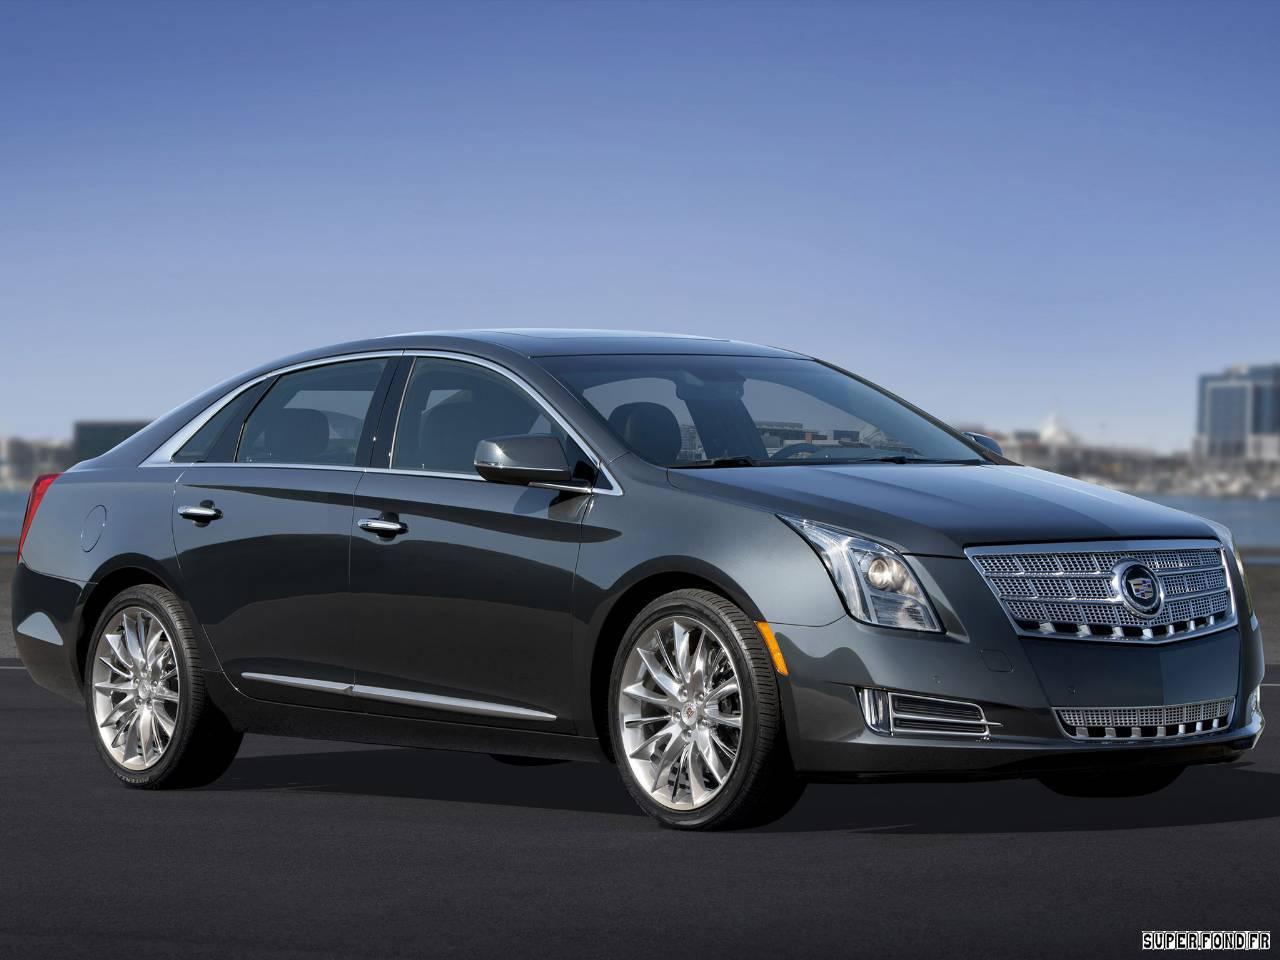 2012 Cadillac XTS Luxury Sedan